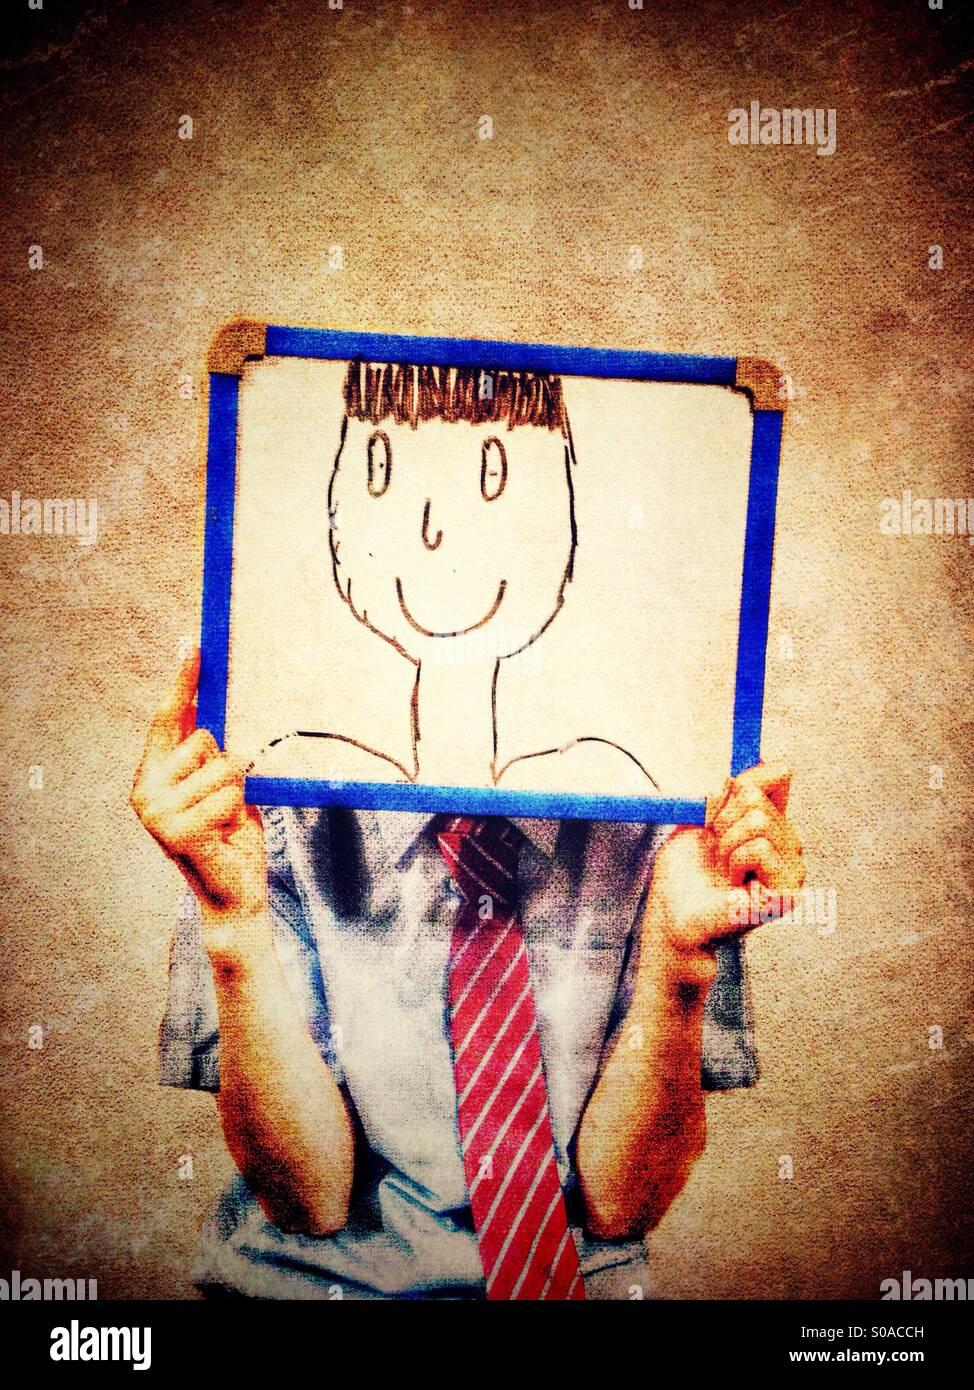 Joven sosteniendo una pizarra blanca con caricatura delante de su rostro Imagen De Stock